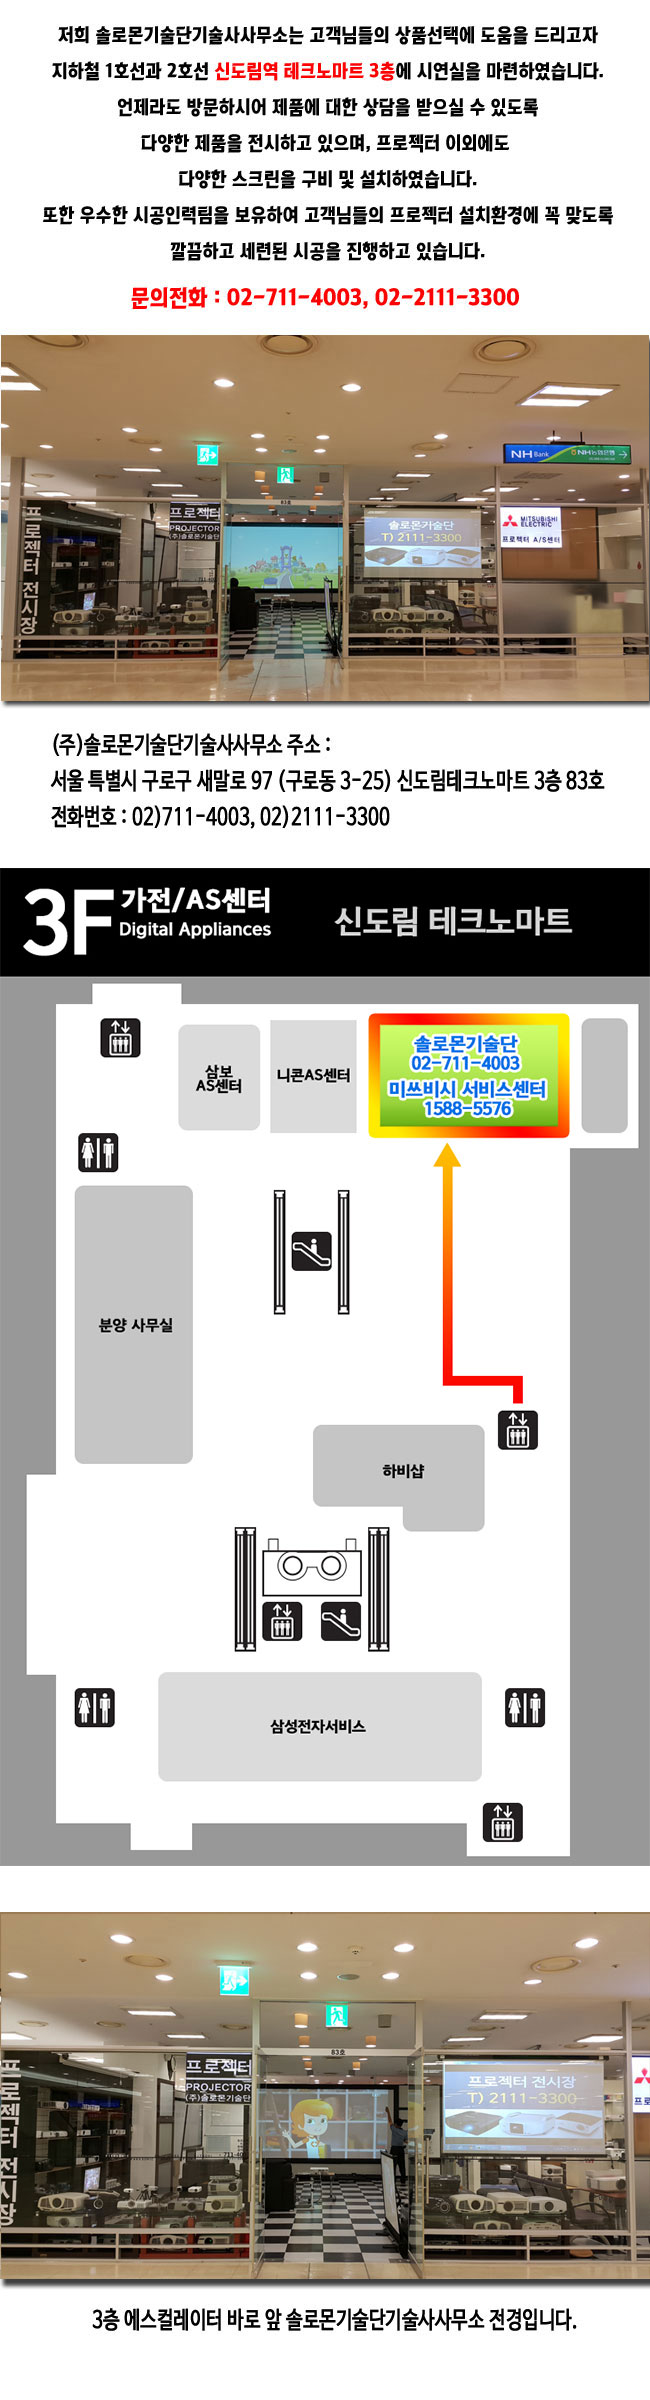 솔로몬기술단 : 서울시 용산구 한강로3가 용산역 아이파크몰 디지털전문점 4층 912호